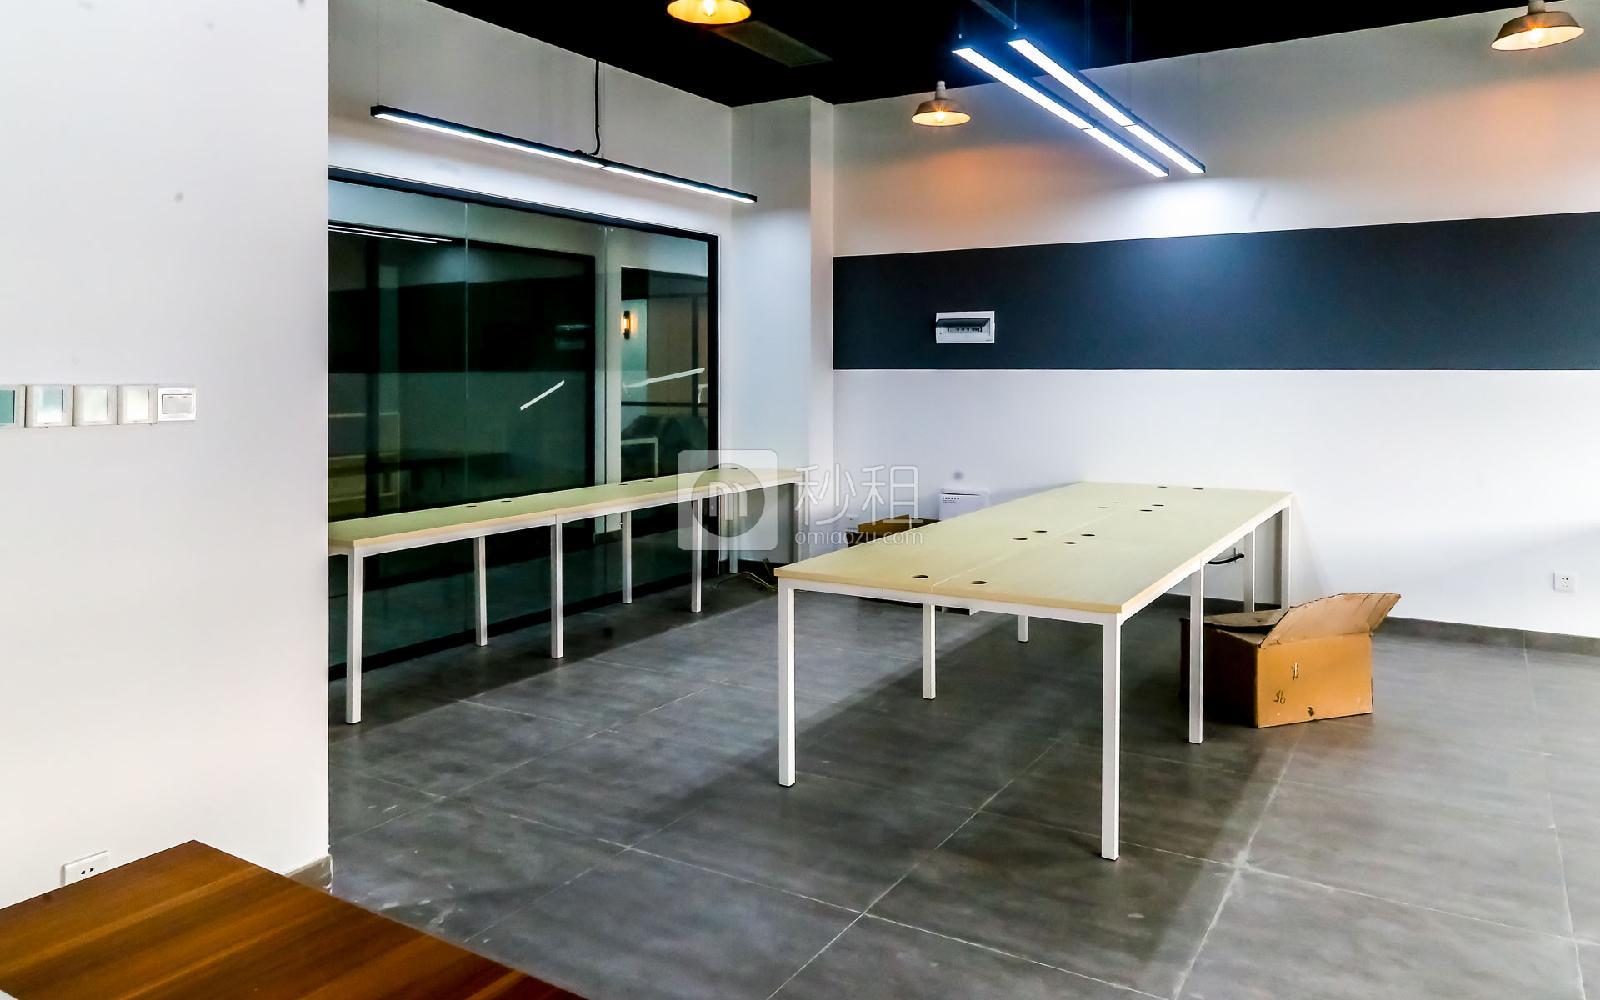 硅谷大院写字楼出租60平米精装办公室7500元/间.月